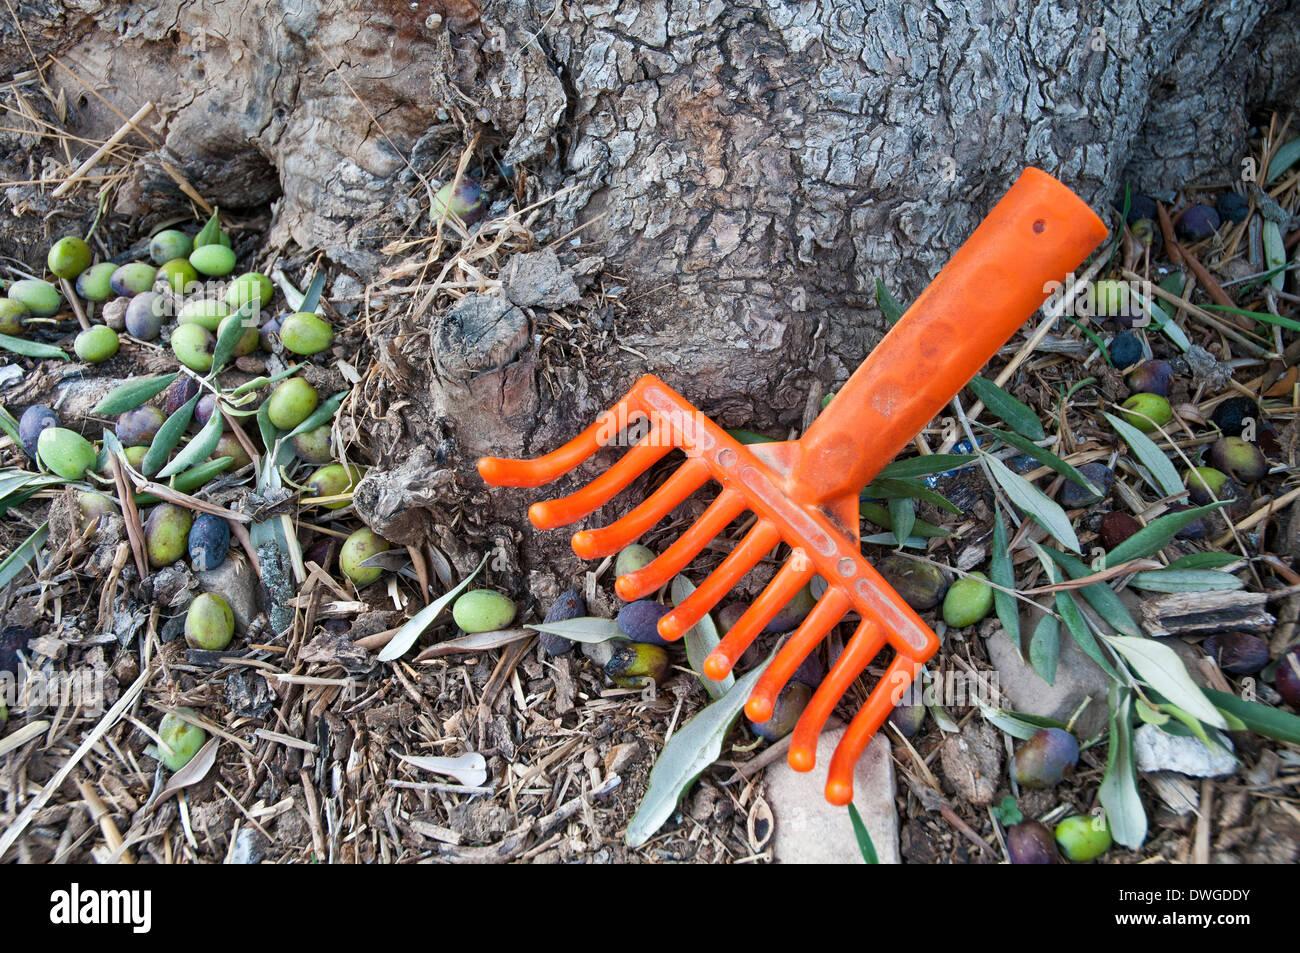 L'outil de récolte d'olive Photo Stock